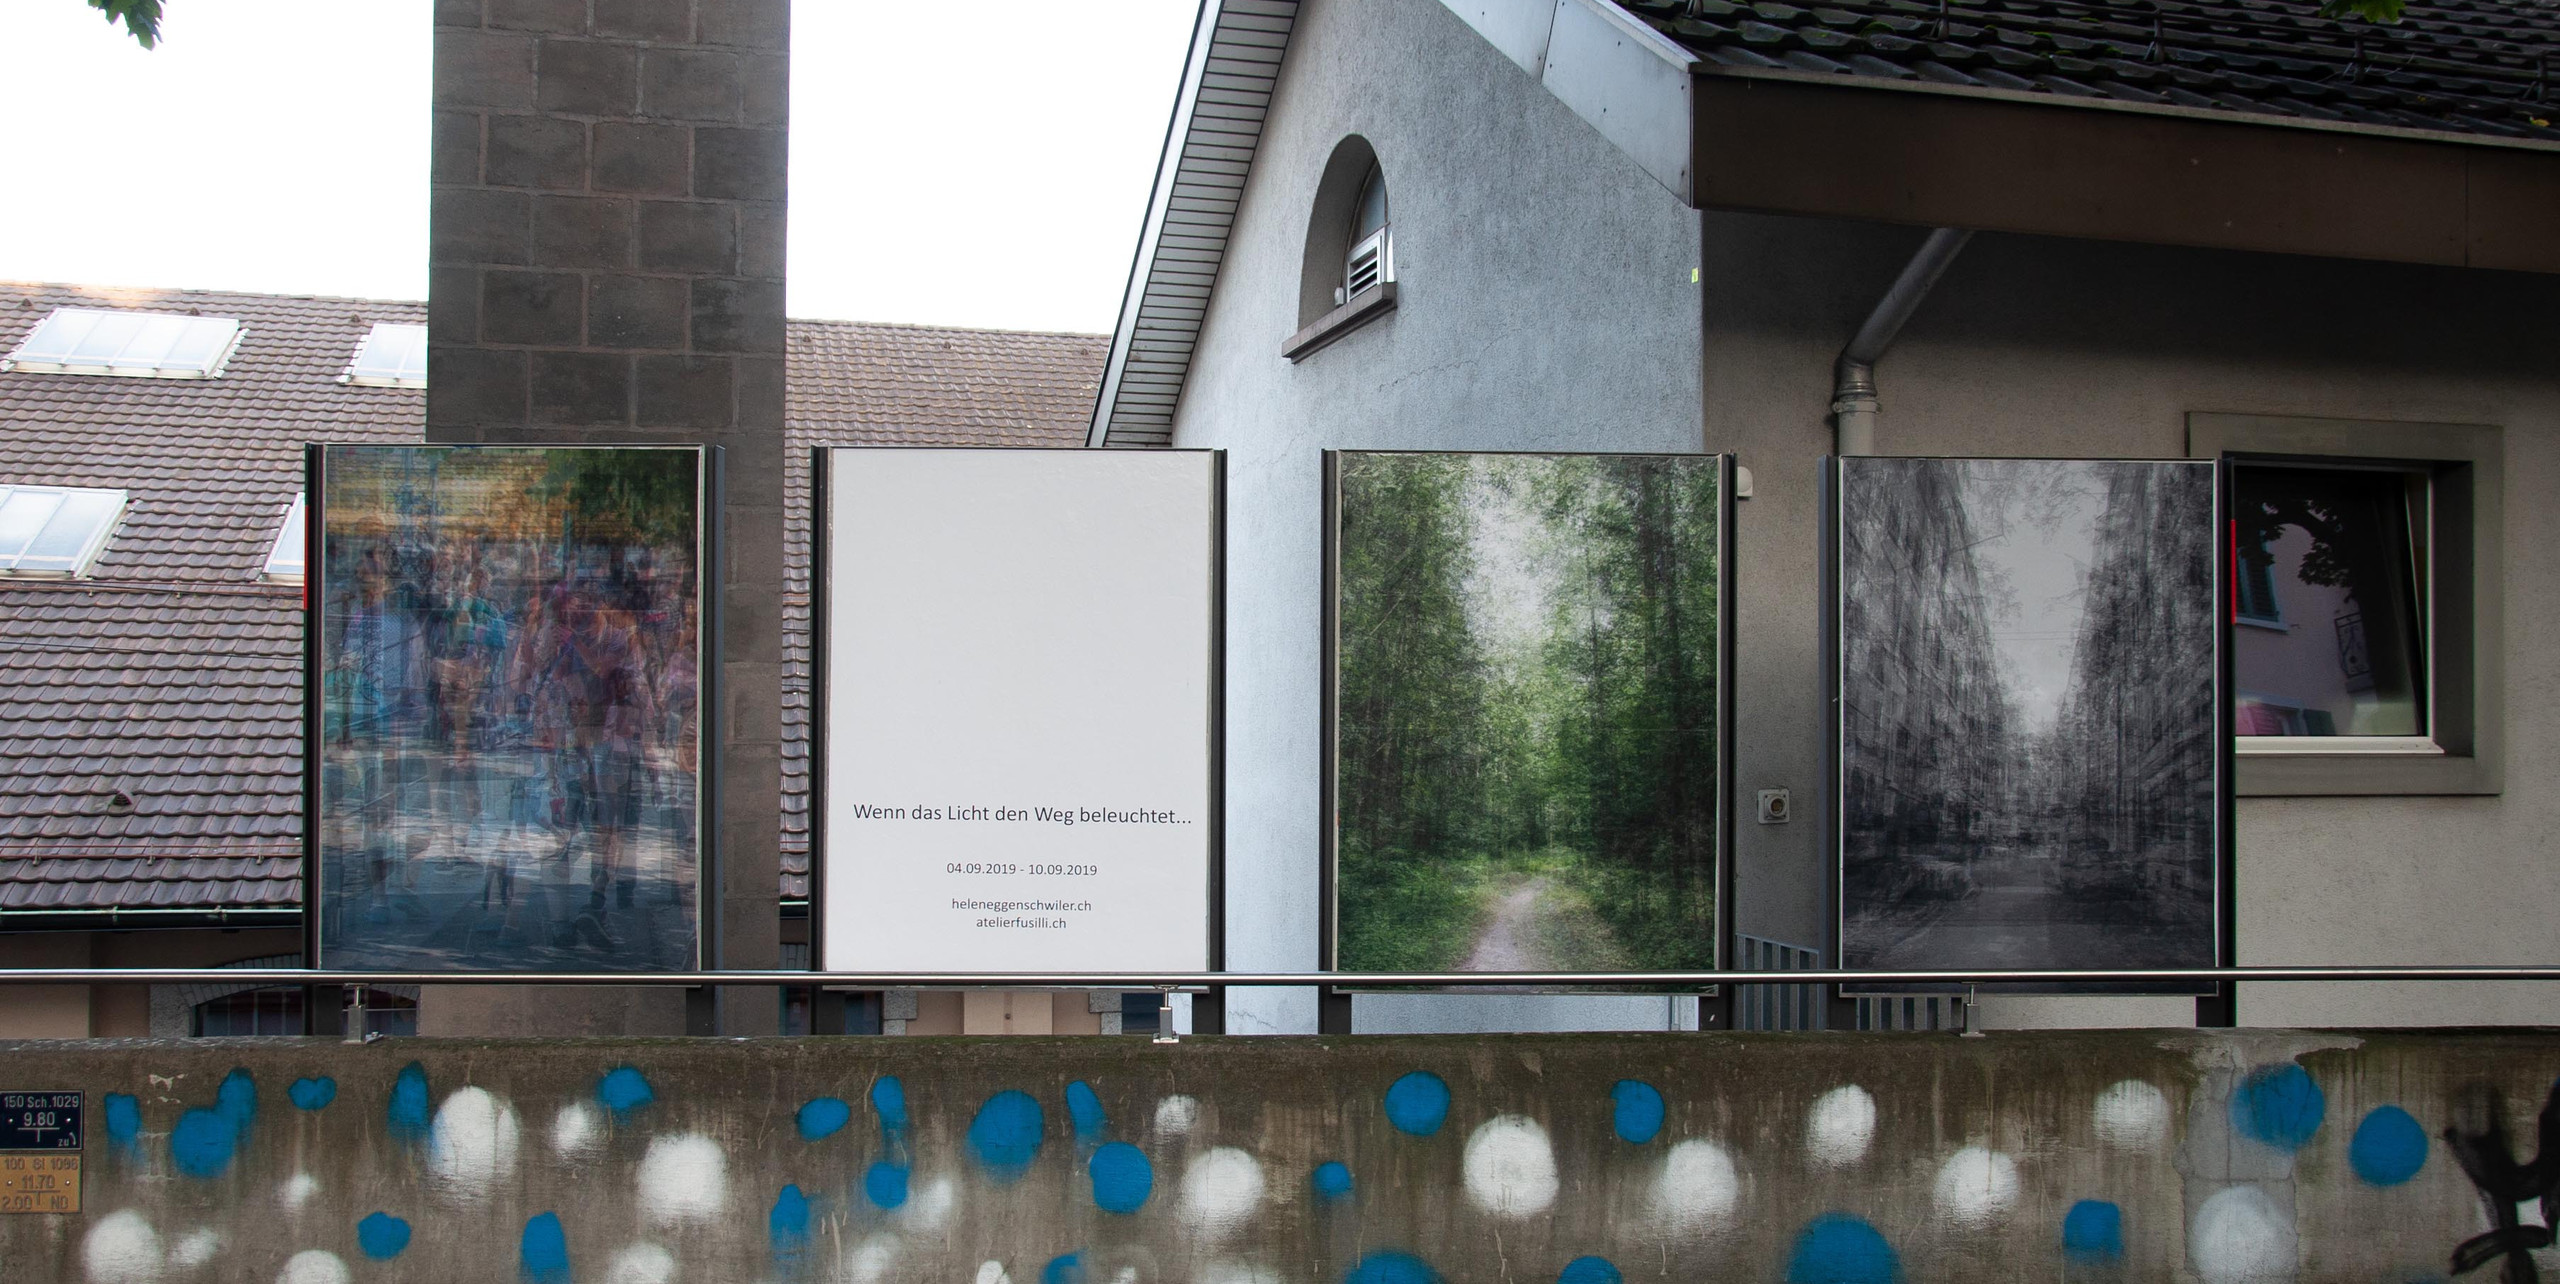 Wenn das Licht den Weg beleuchtet... (2019) Ausstellungsansicht Luzern